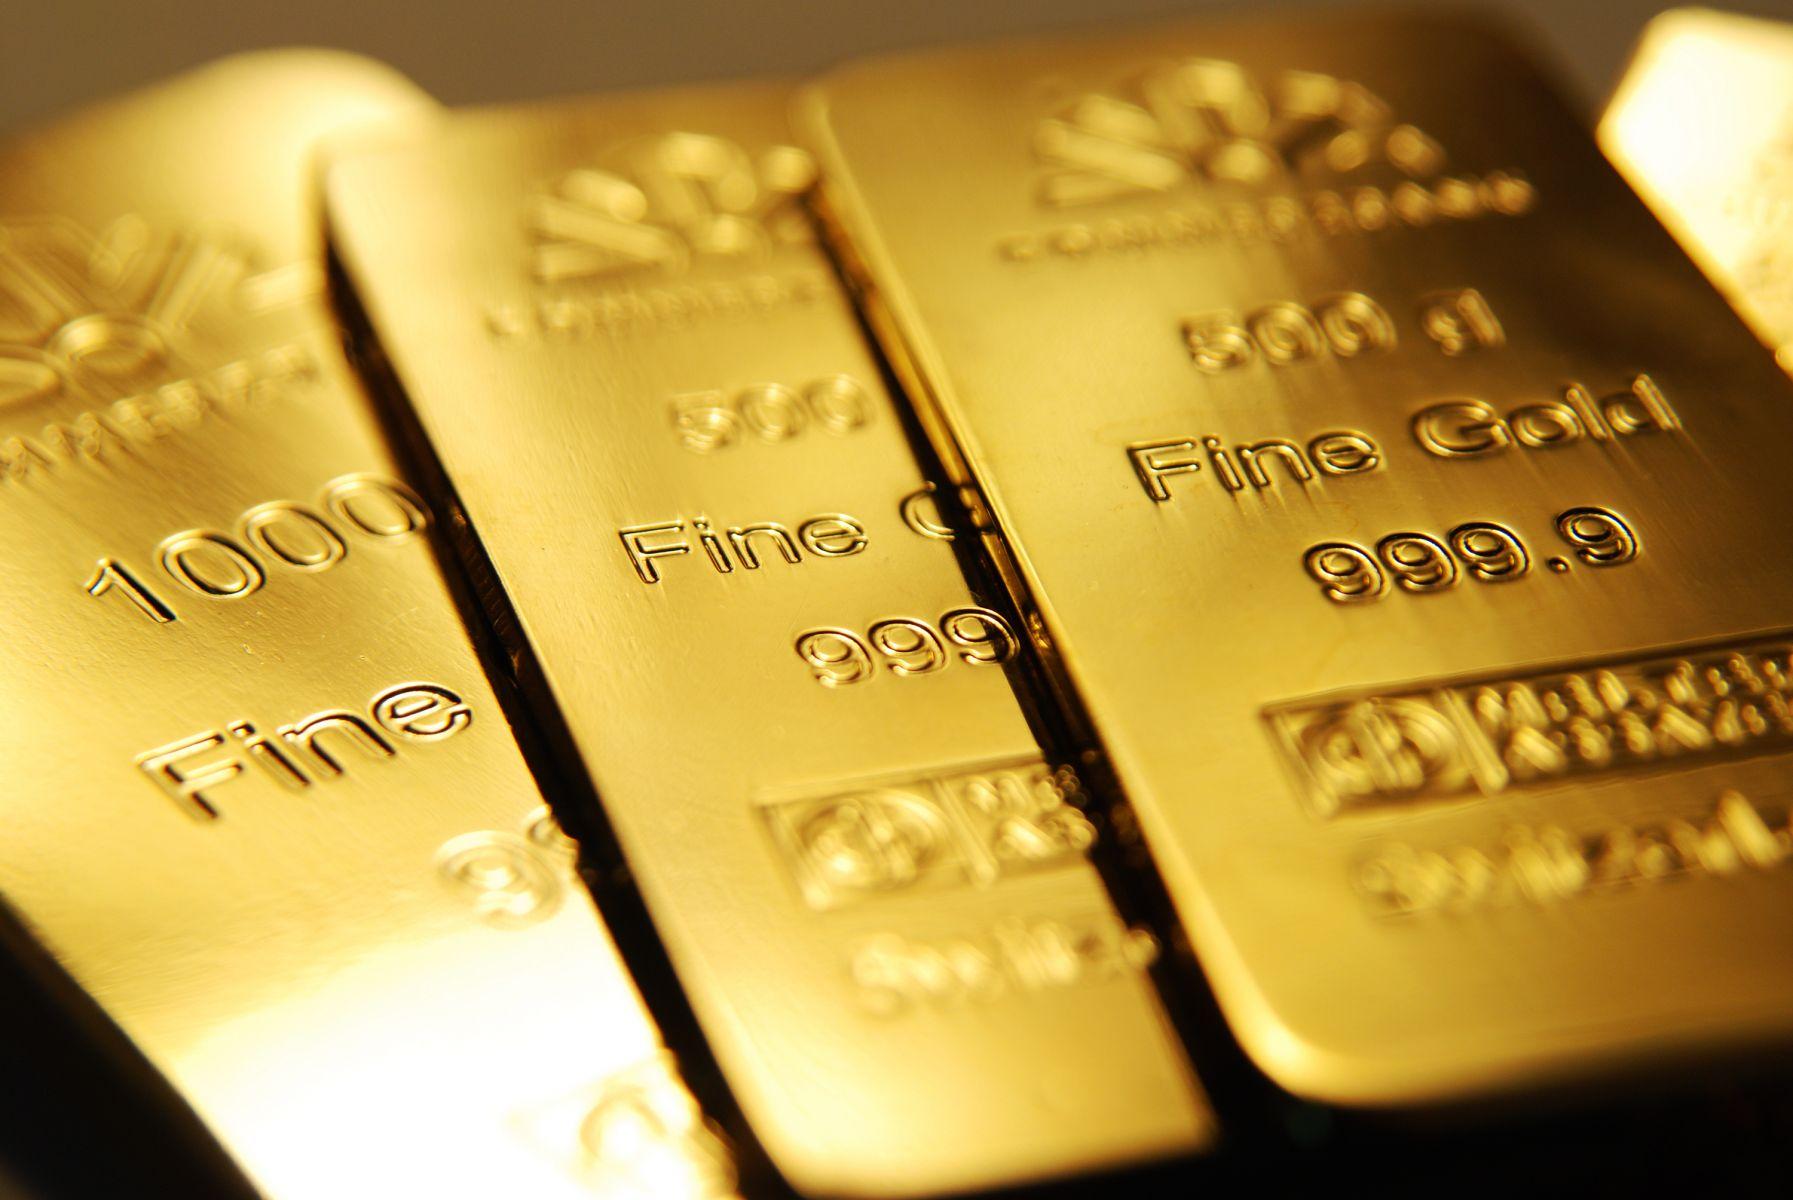 全聯就是狂!福袋頭獎祭價值360萬元黃金熊